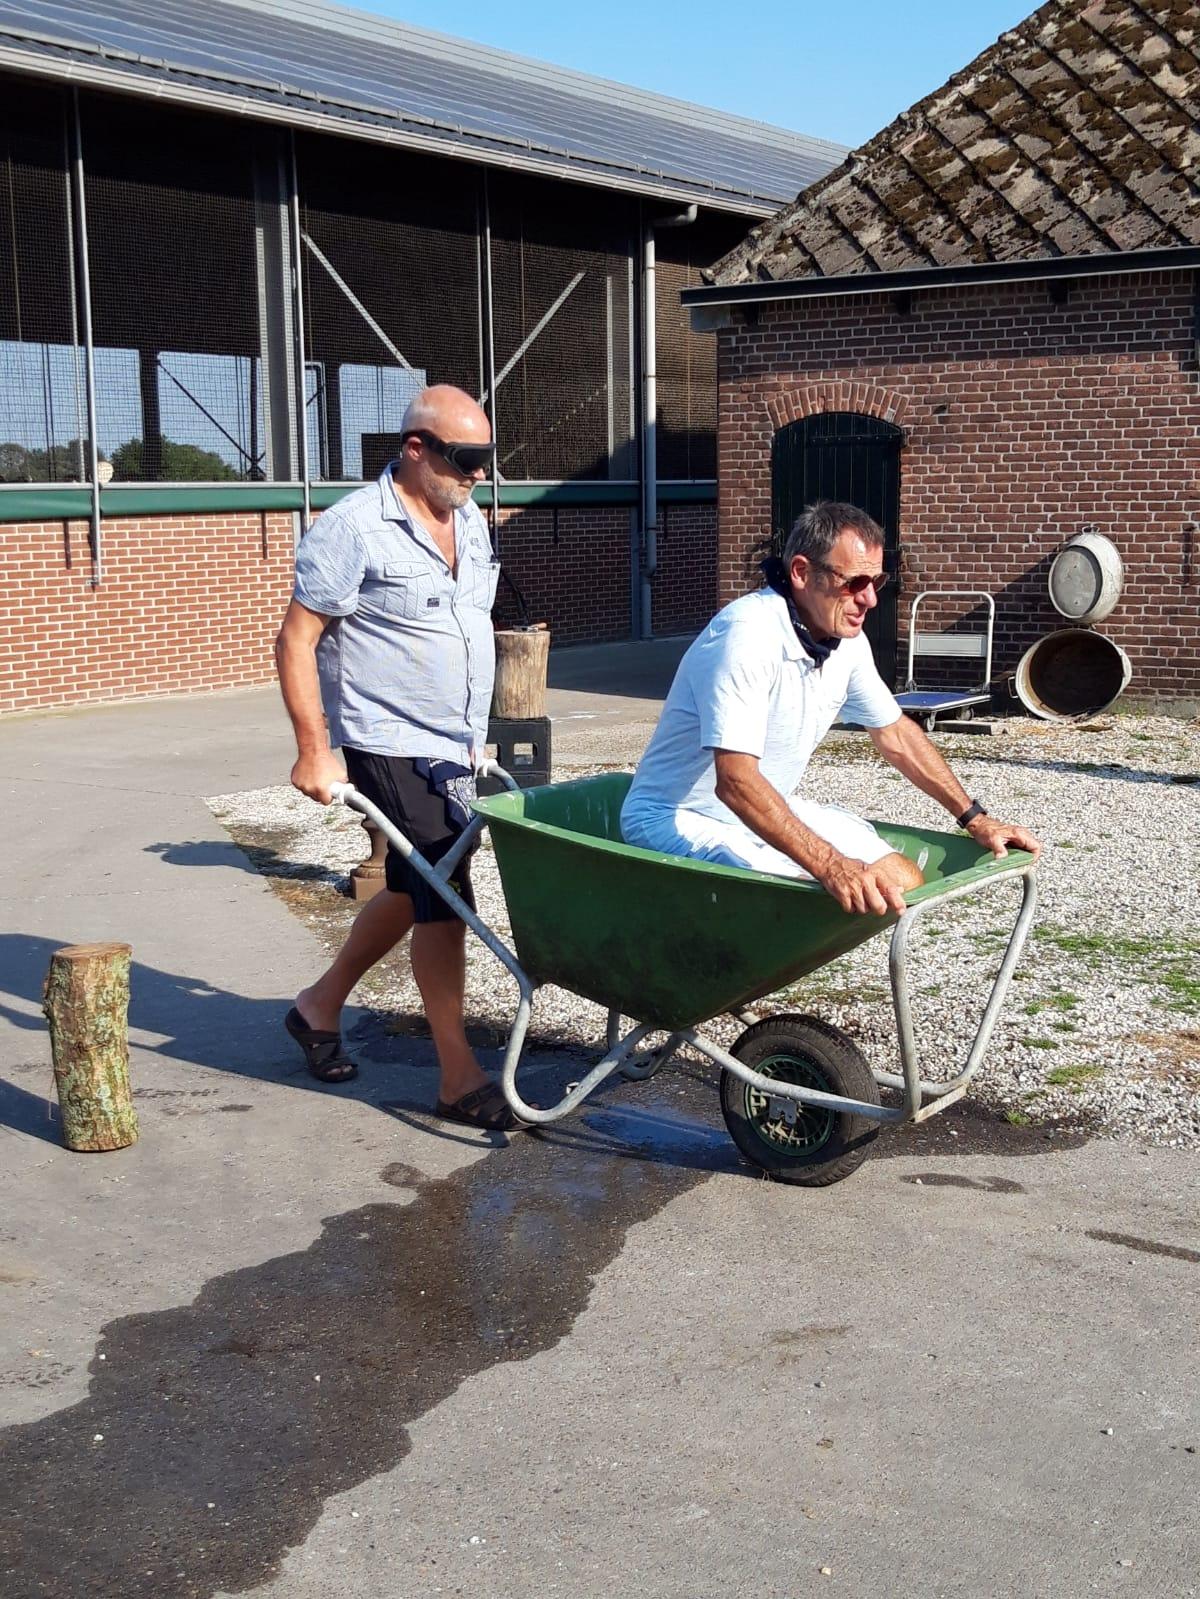 Boerderij bedrijfsuitje - boerderij activiteiten kruiwagenrace